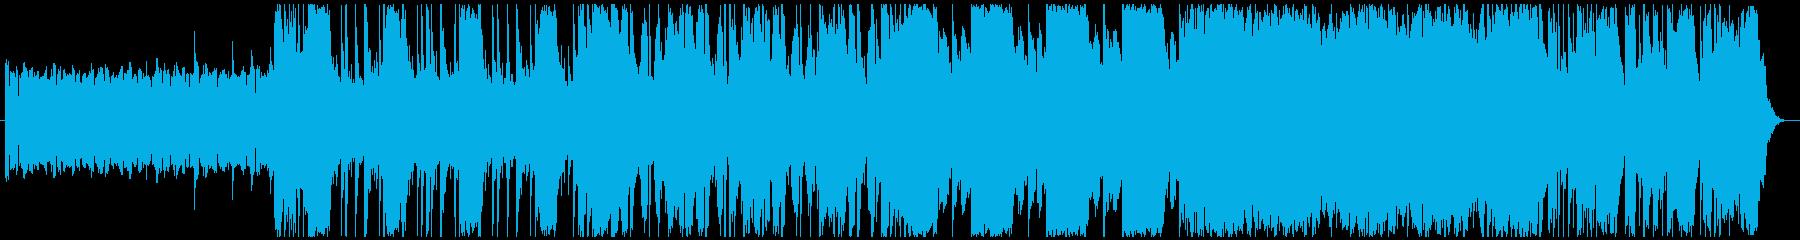 洋画で悪者が登場するシーンの曲-60秒の再生済みの波形